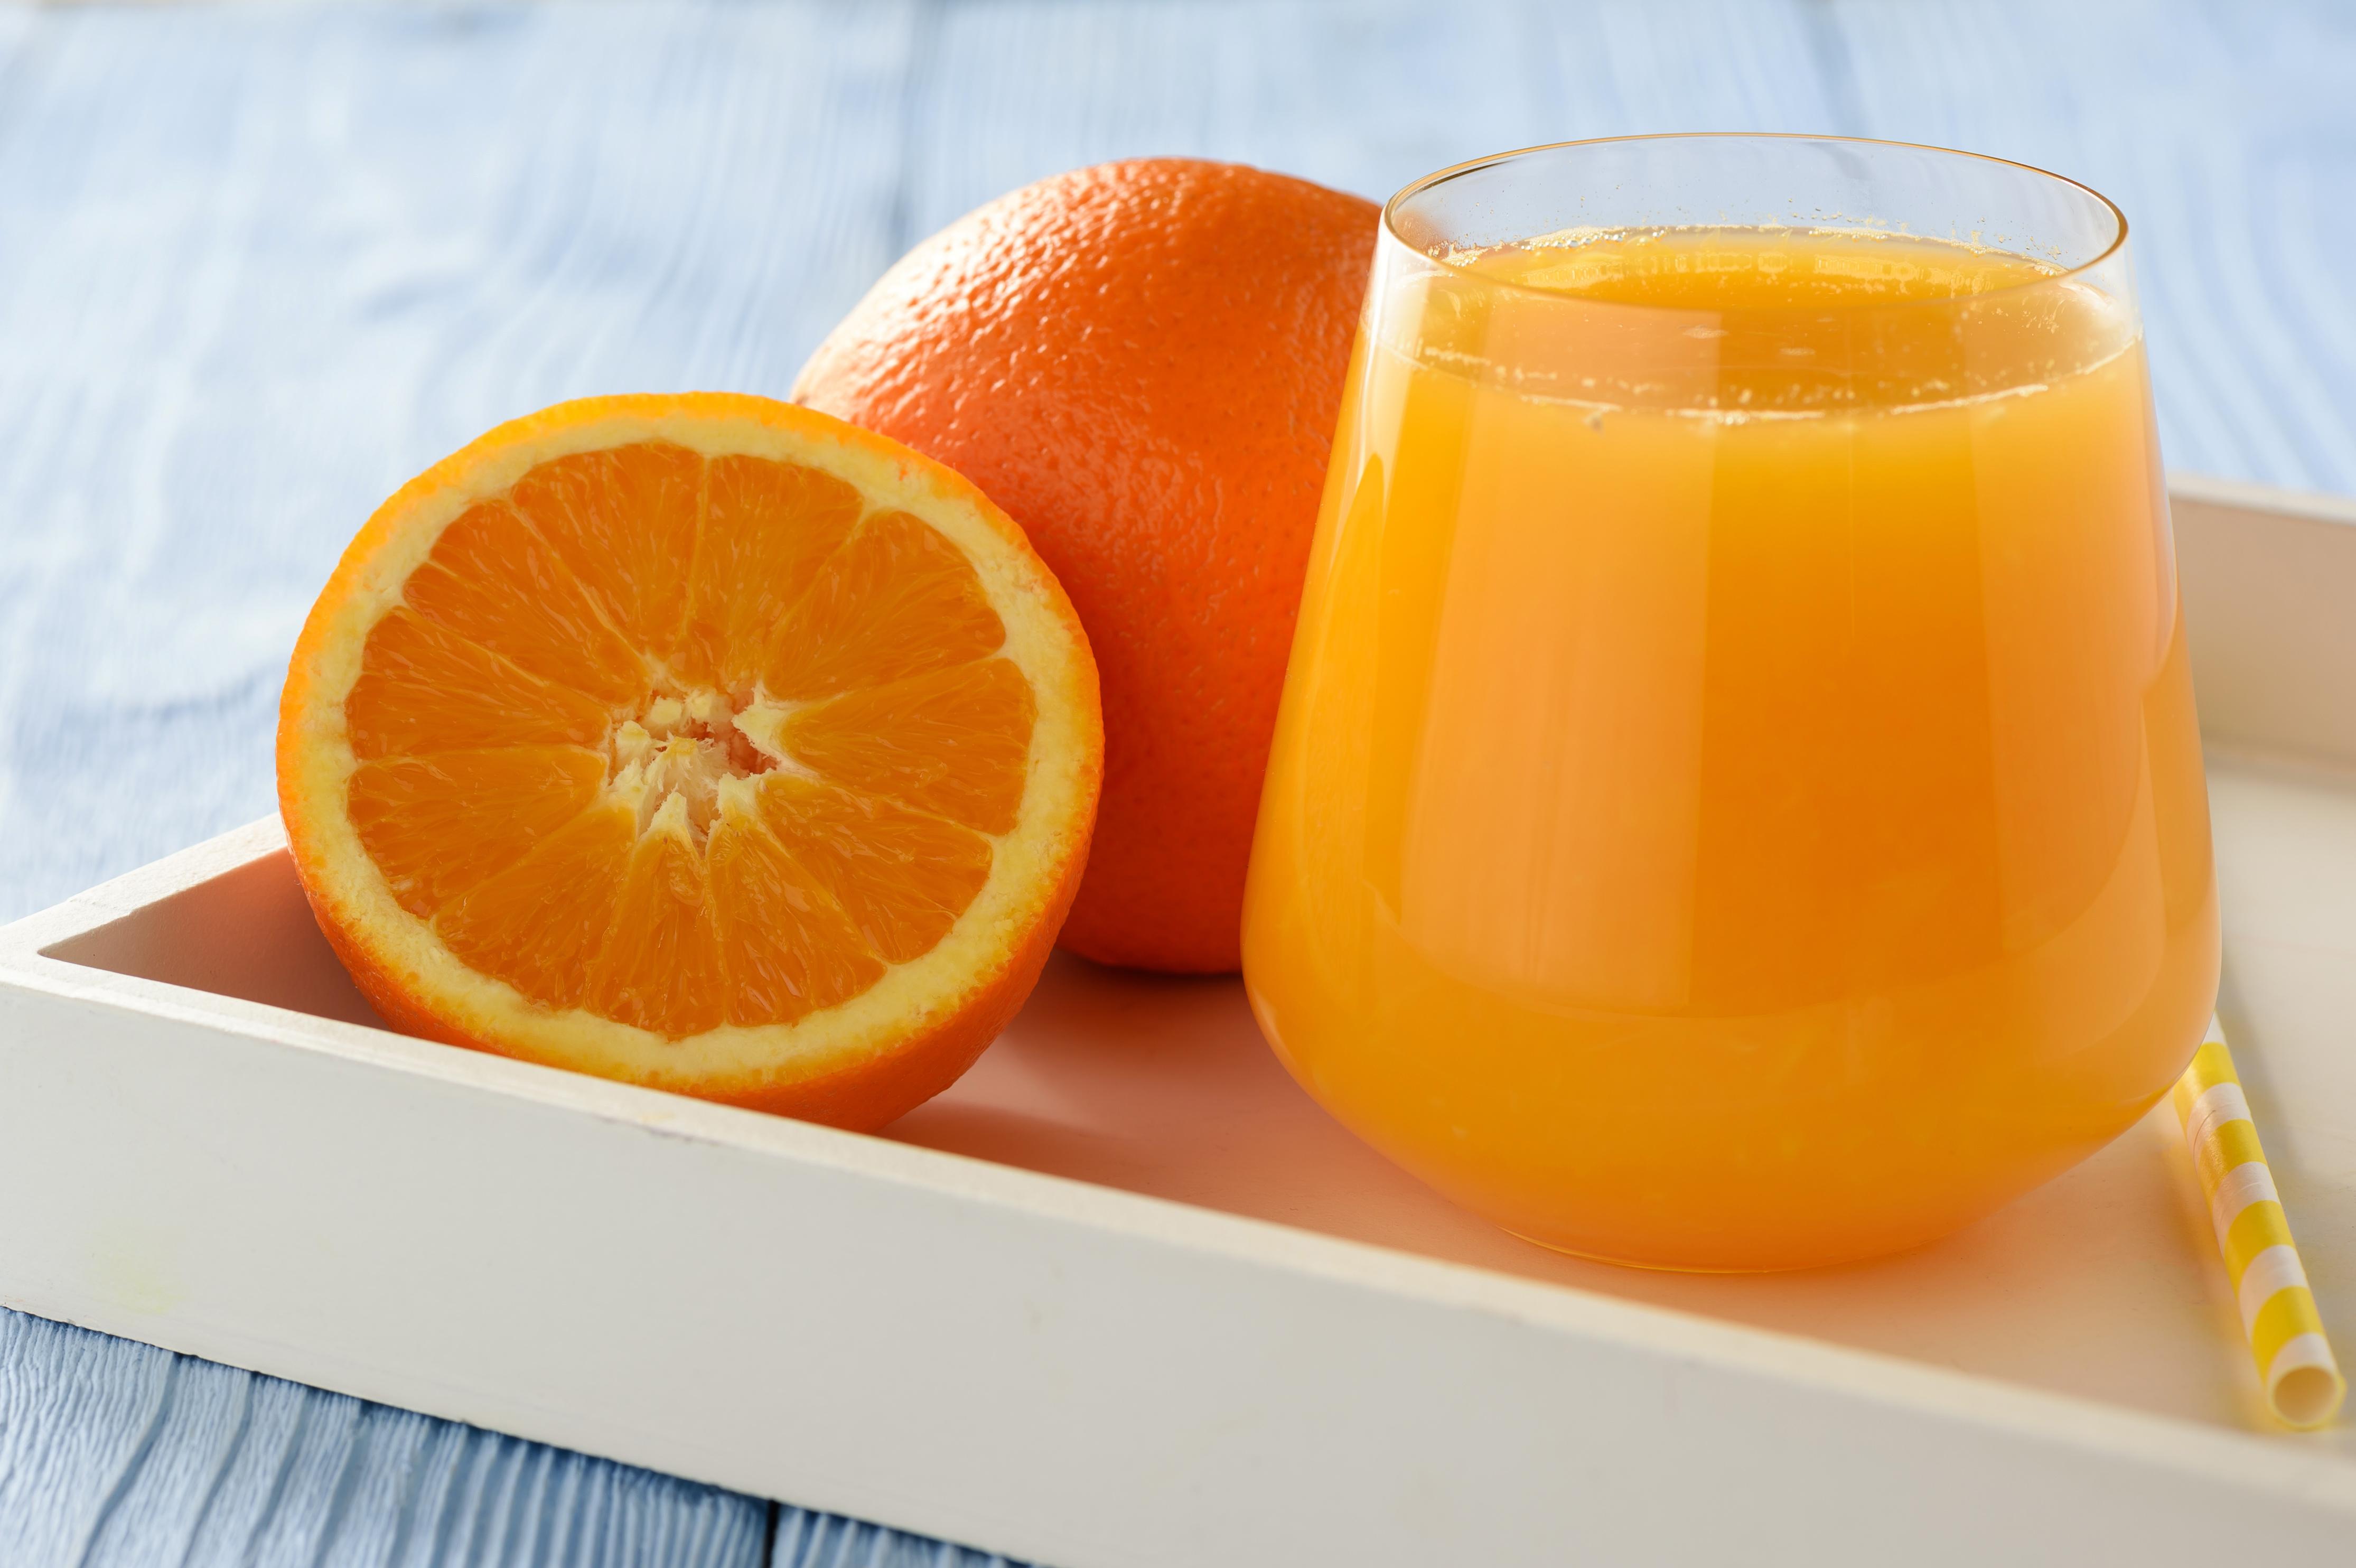 Фото Сок Апельсин стакане Пища Стакан стакана Еда Продукты питания